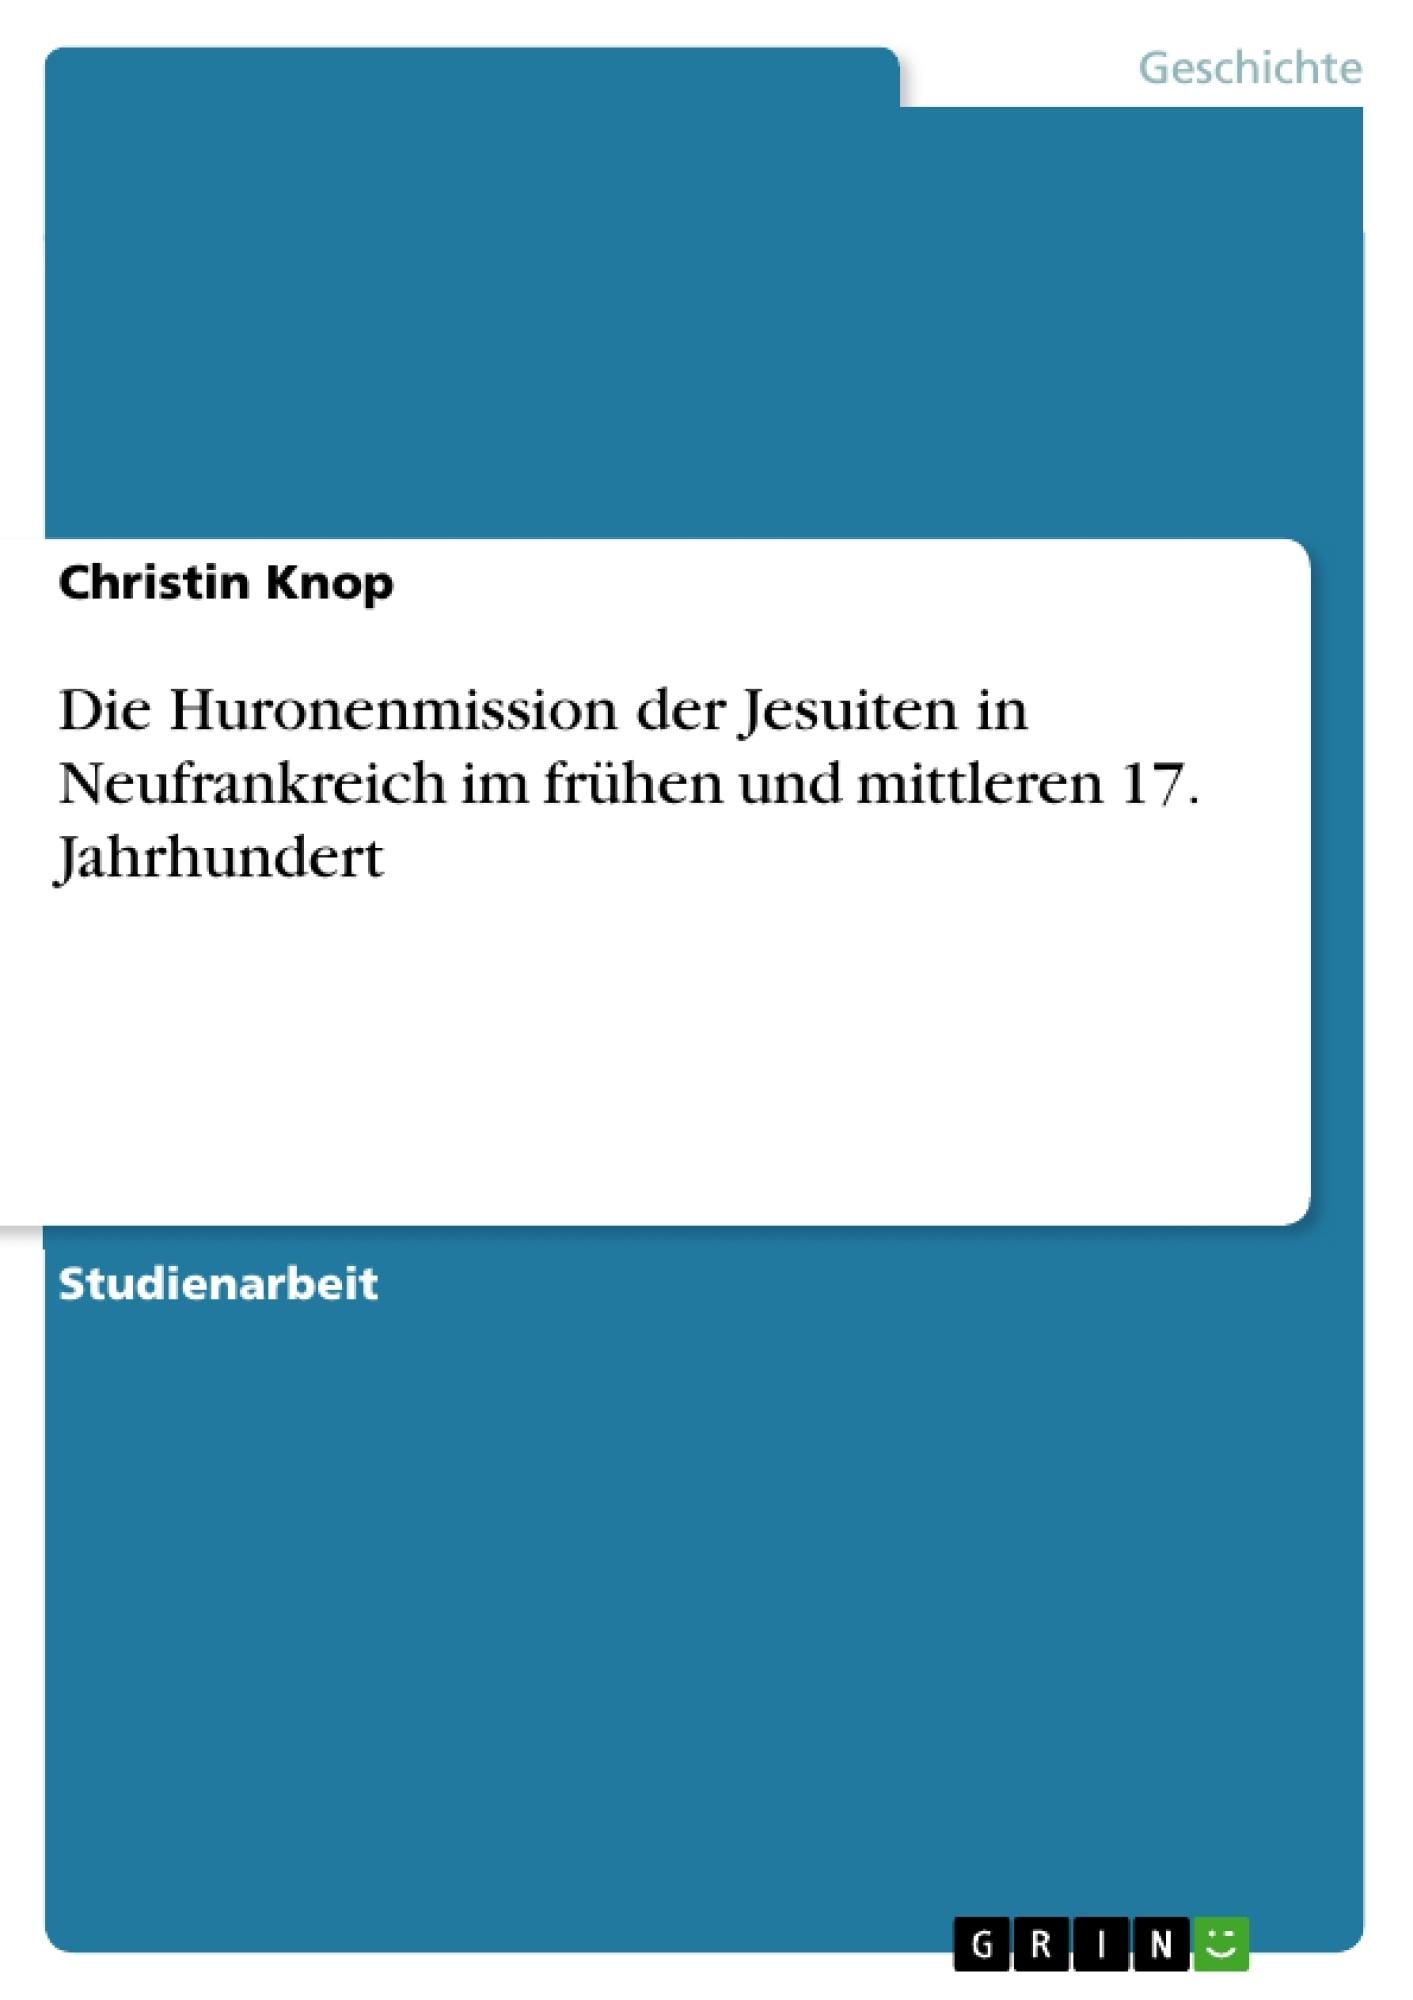 Titel: Die Huronenmission der Jesuiten in Neufrankreich im frühen und mittleren 17. Jahrhundert